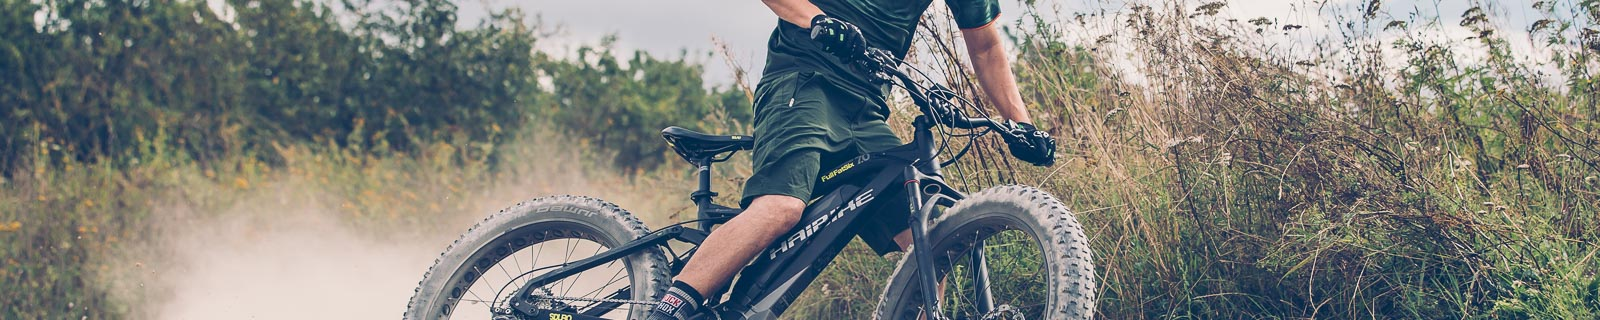 29 Pulgadas Bicicleta-Eléctrica de Montaña Rígida (E-Mountainbike)